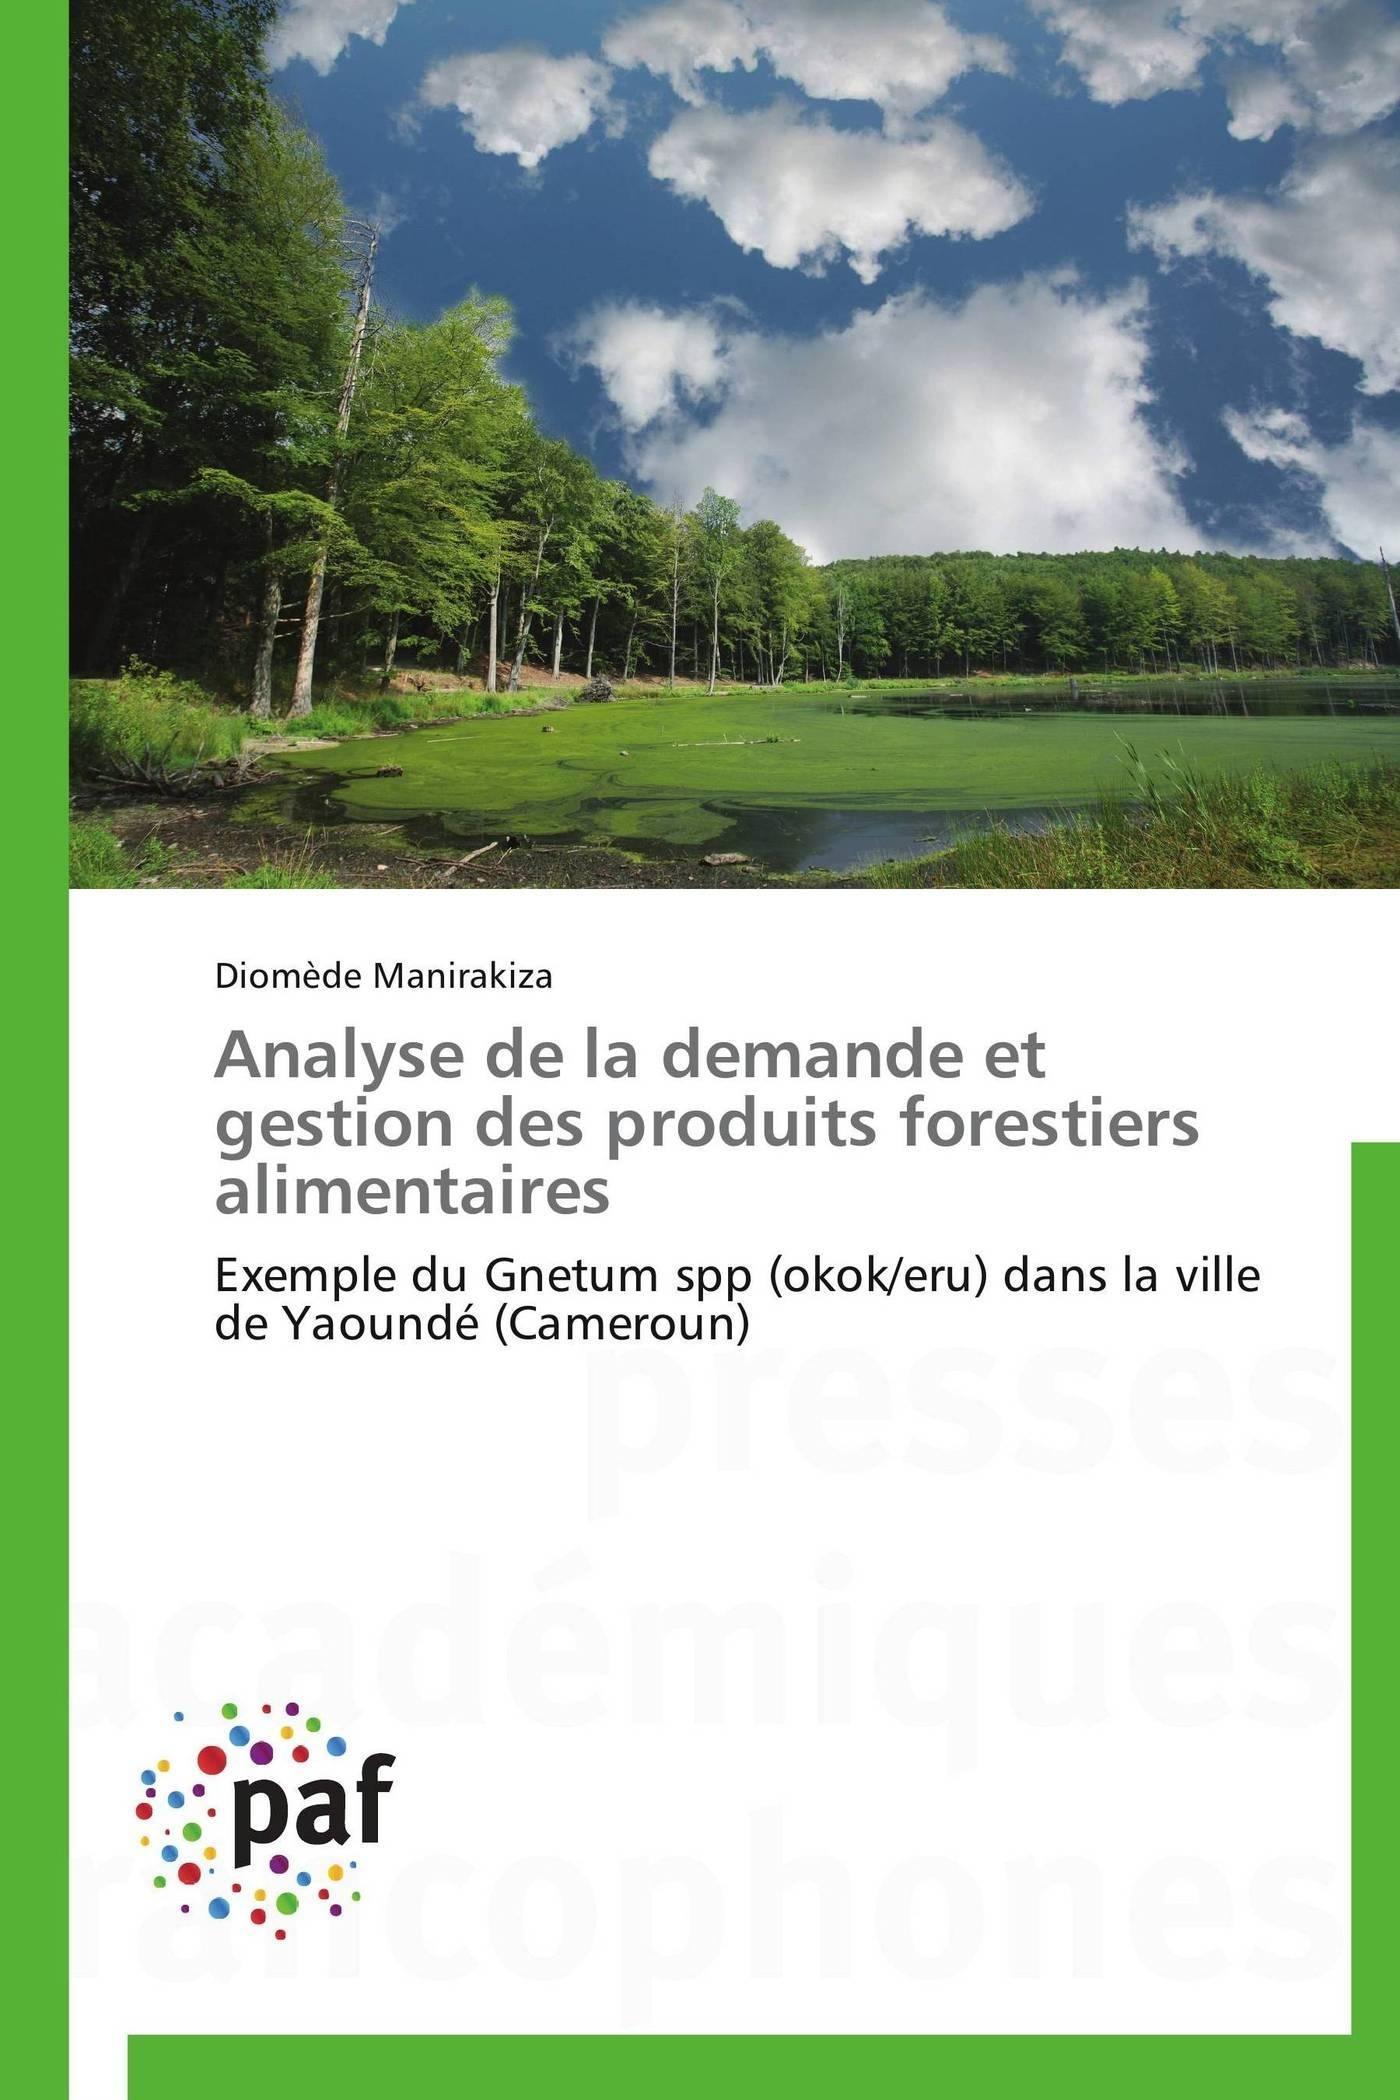 ANALYSE DE LA DEMANDE ET GESTION DES PRODUITS FORESTIERS ALIMENTAIRES